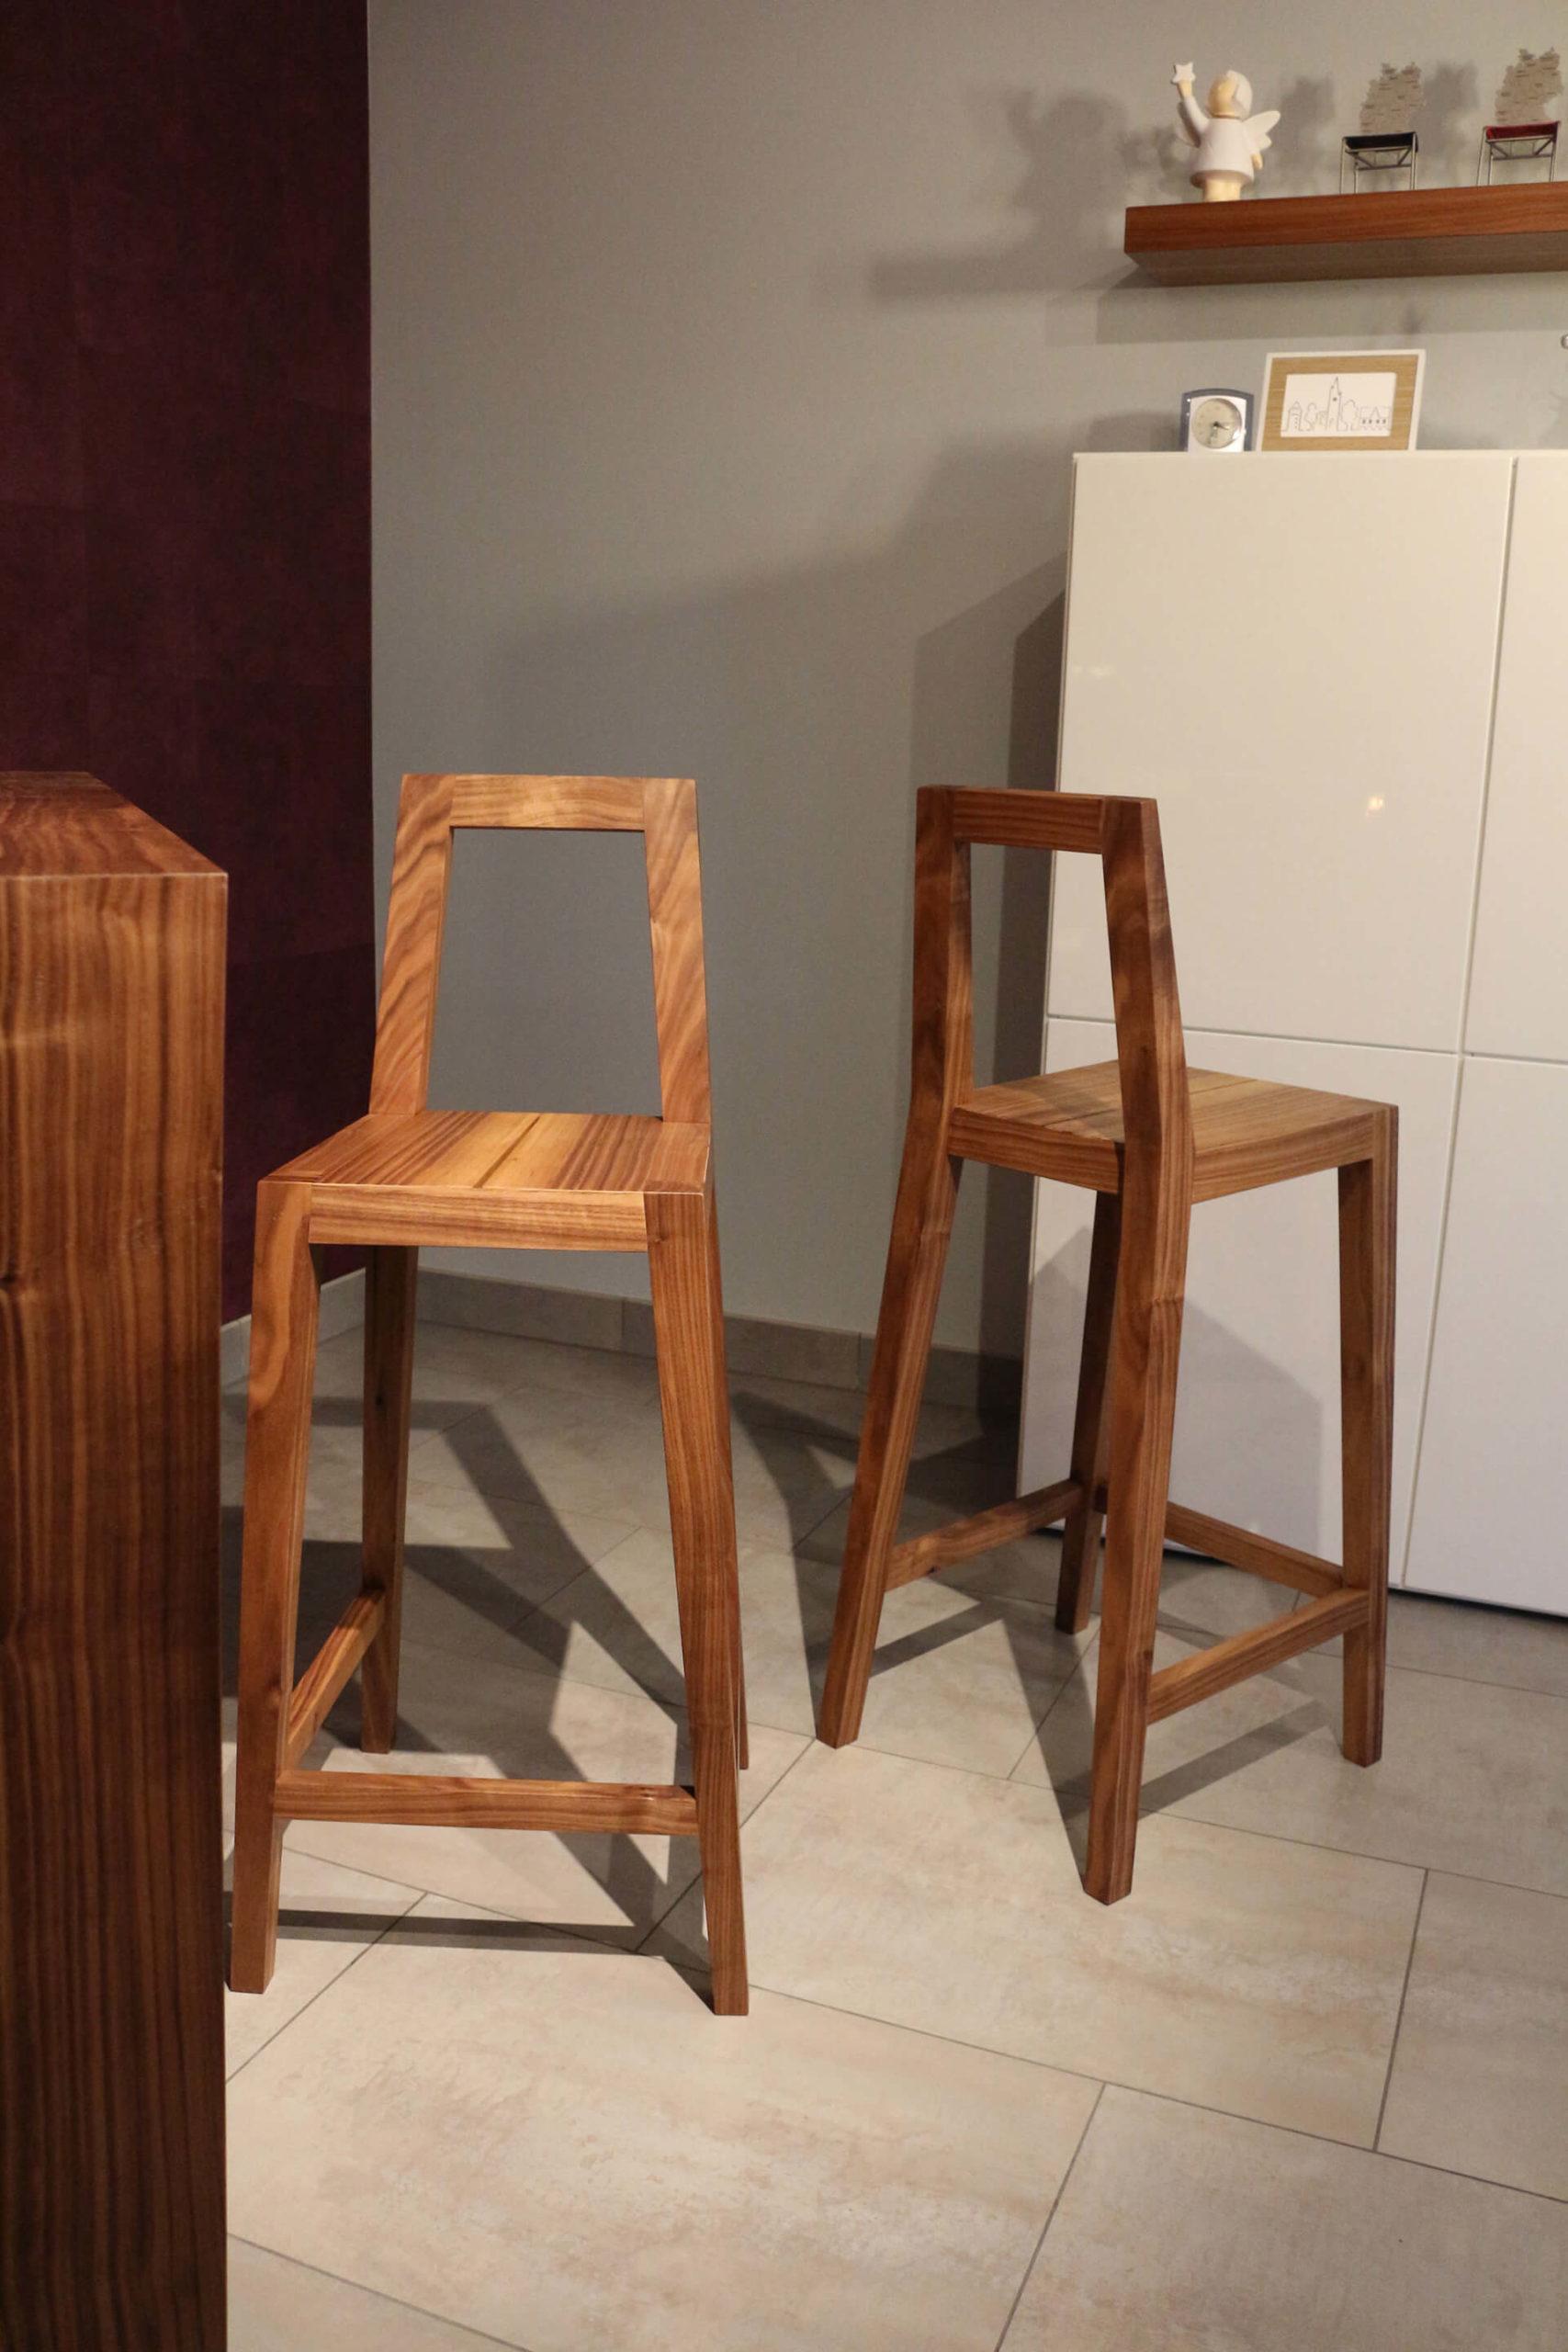 Die beiden Stühle stehen im Fokus. Sie werden einmal von vorne und einmal schräg von hinten gezeigt.